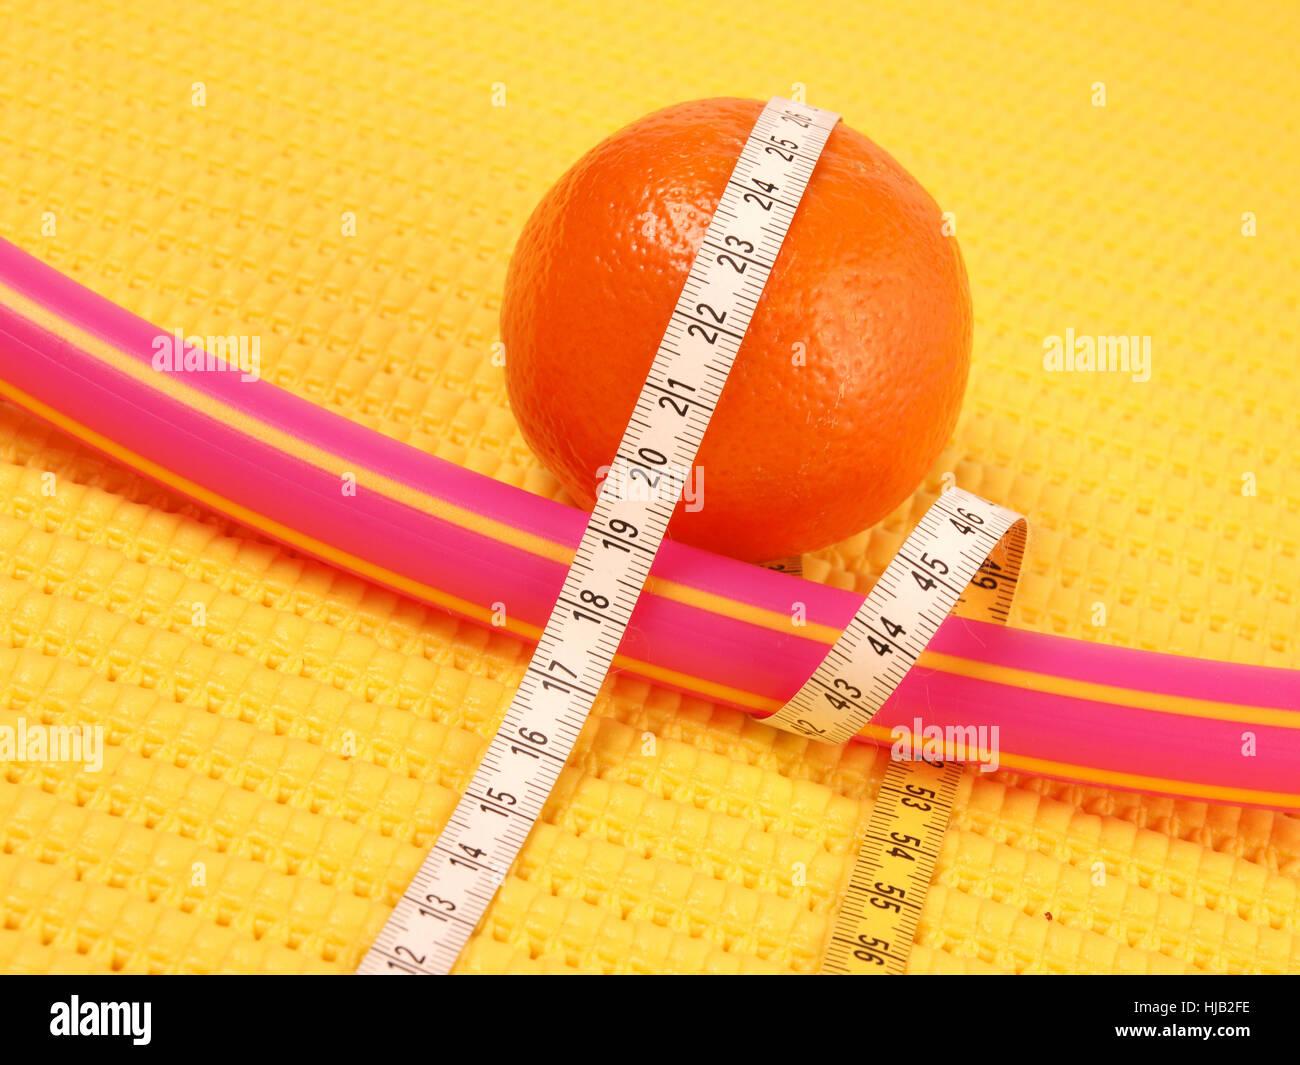 Sport, Sport, colorato, colorato, splendida, molteplici, riccamente colorati, Immagini Stock